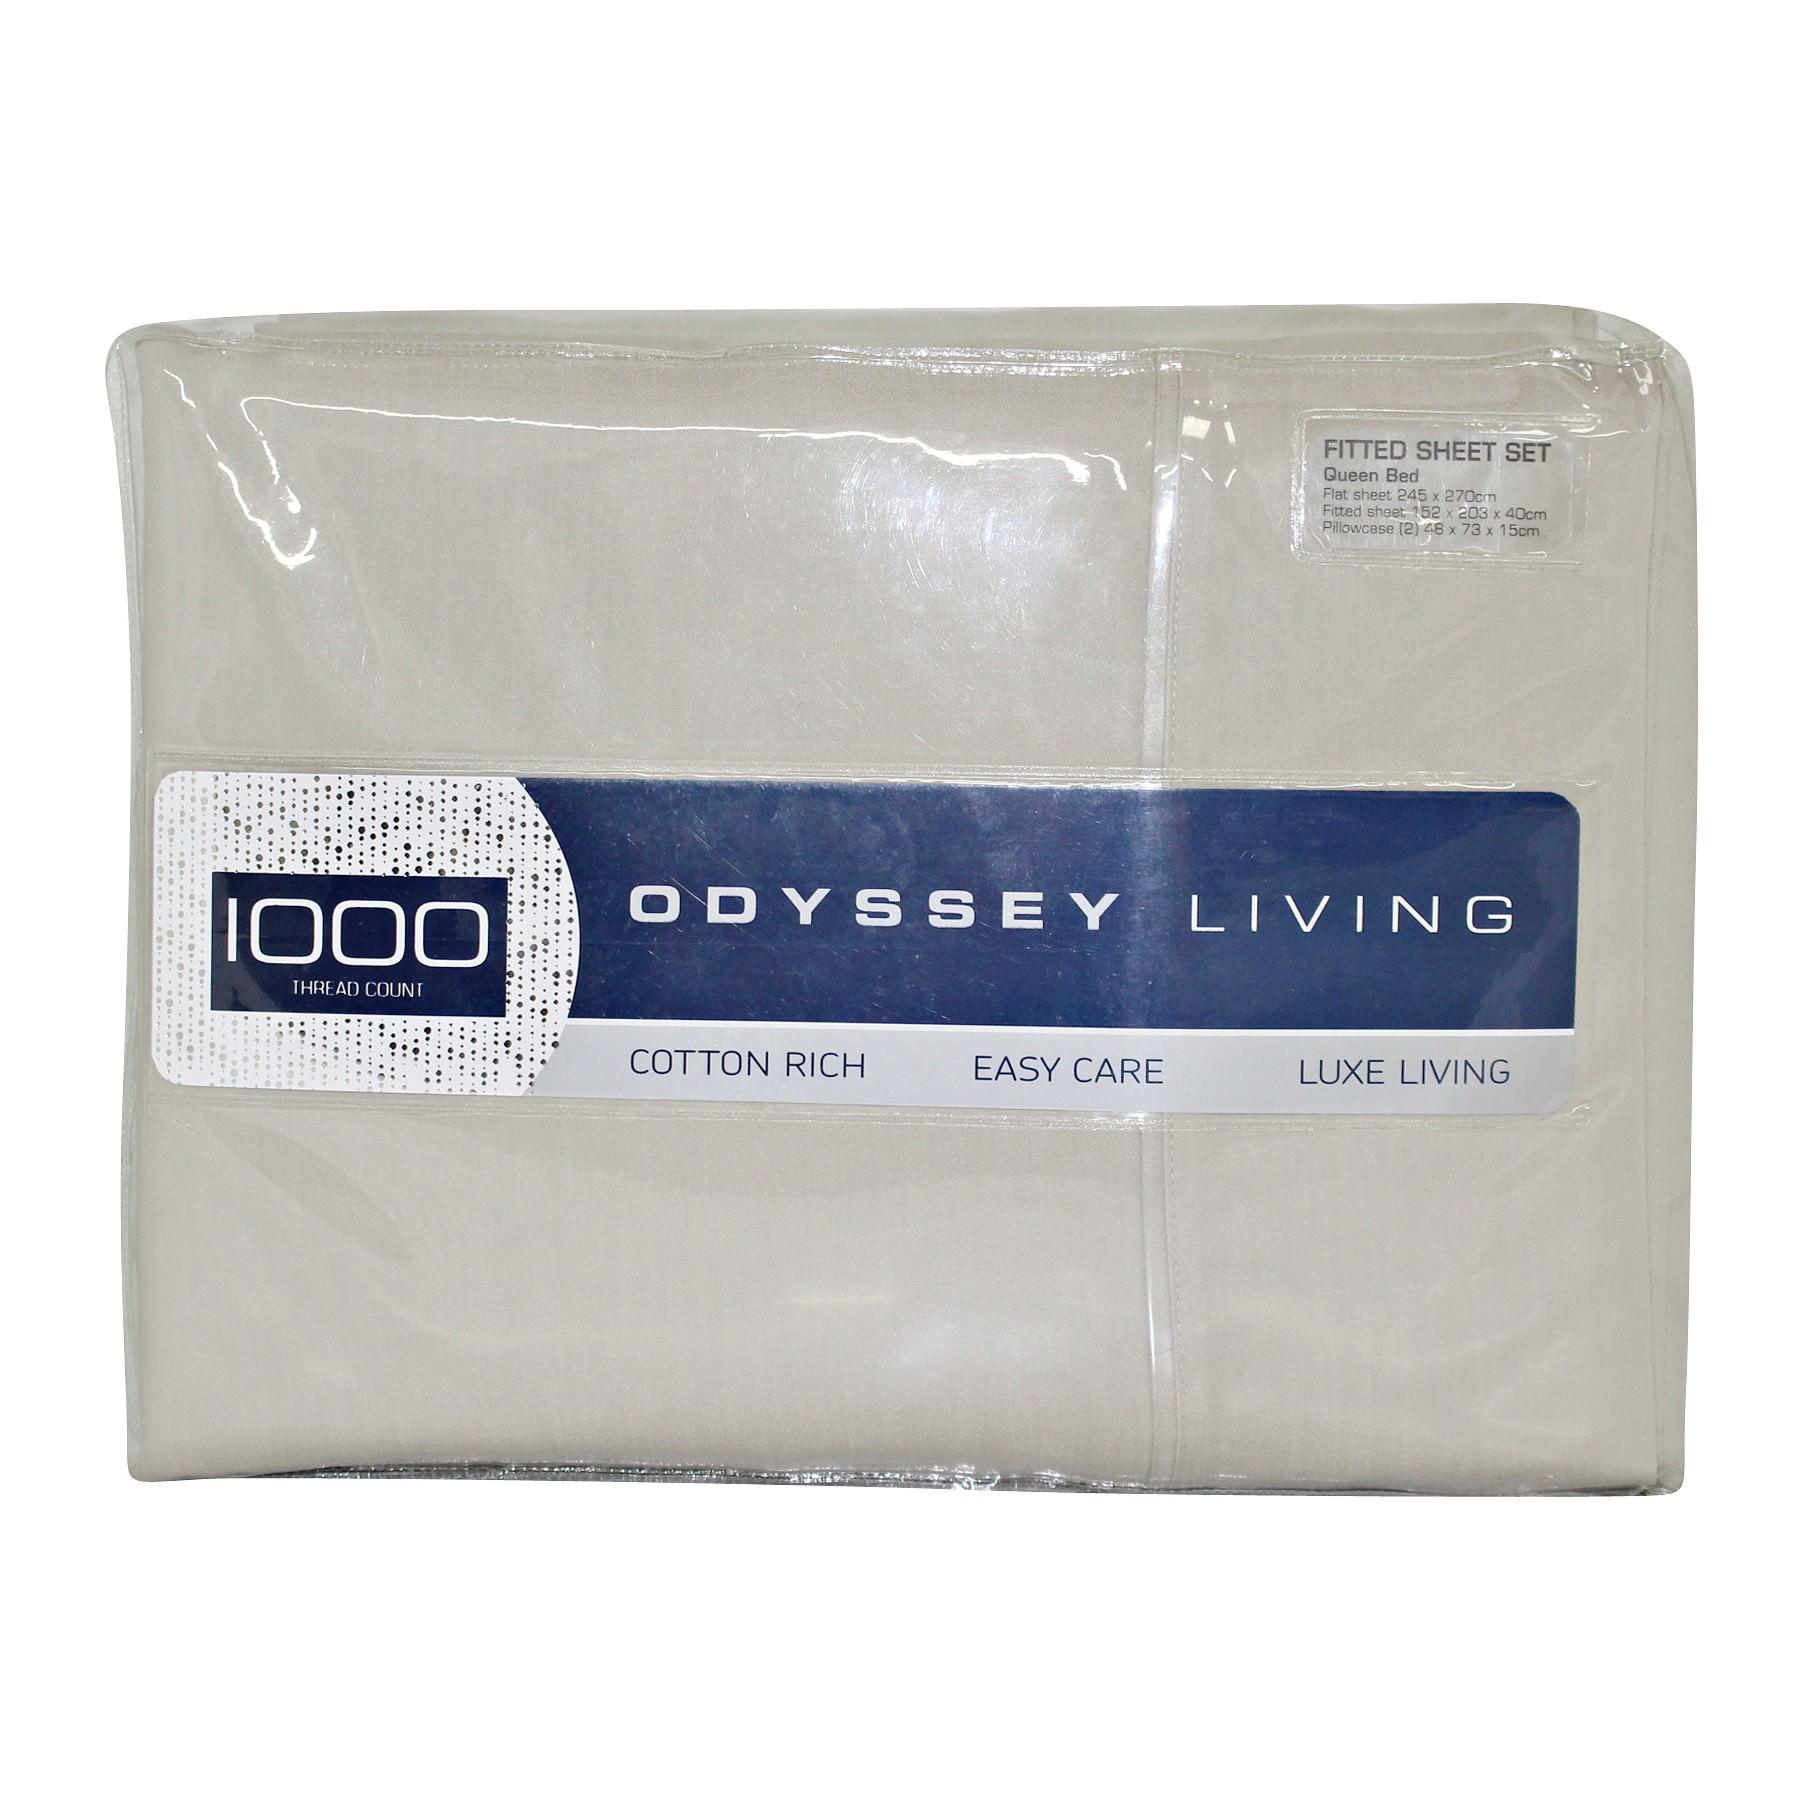 Odyssey Living 1000TC Cotton Rich Sheet Set, Queen , Beige